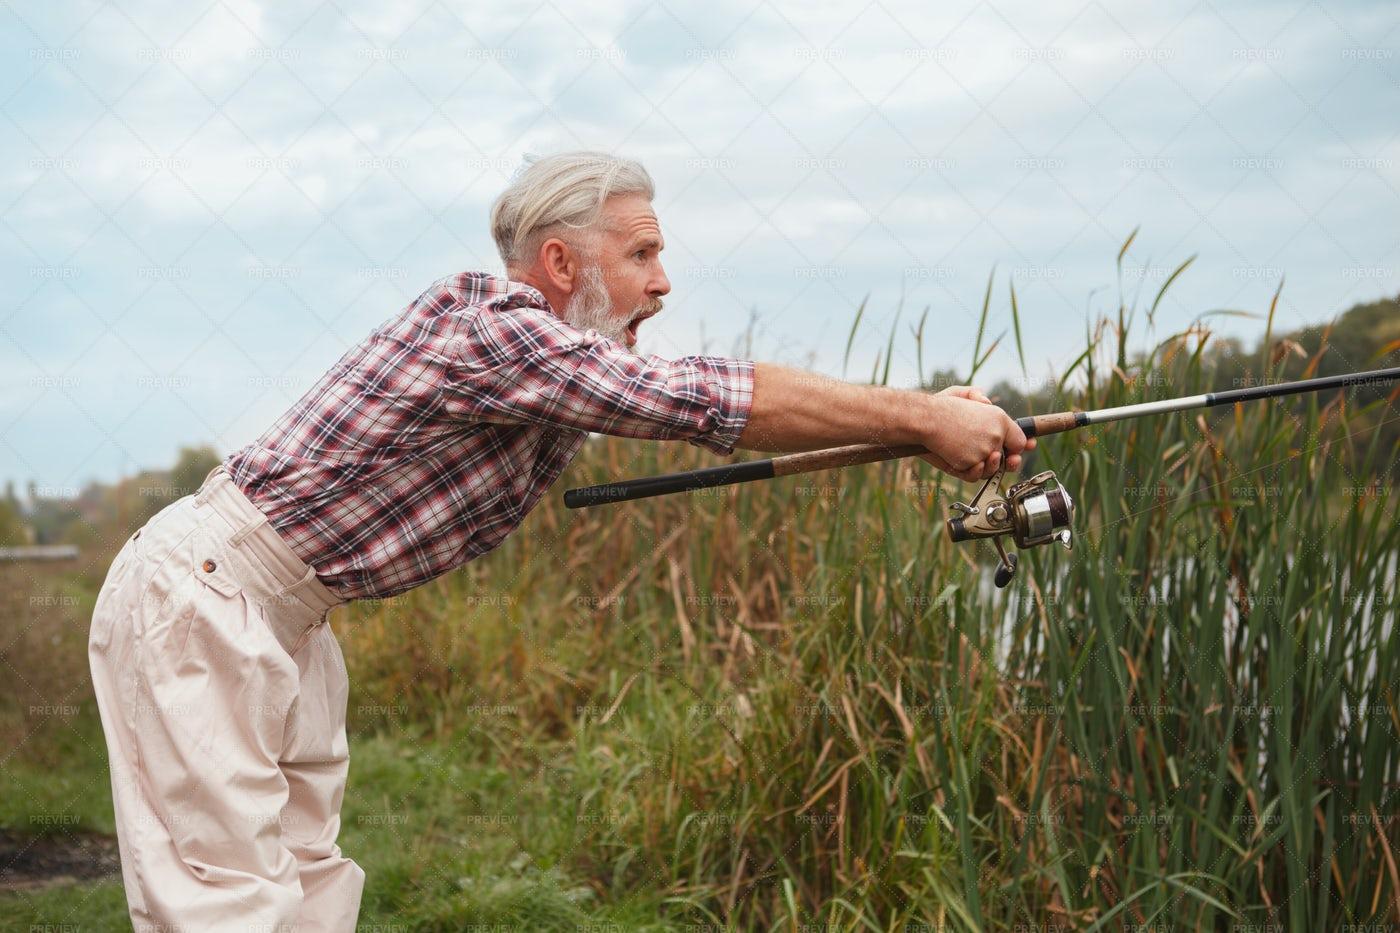 Fisherman Pulling Fish: Stock Photos